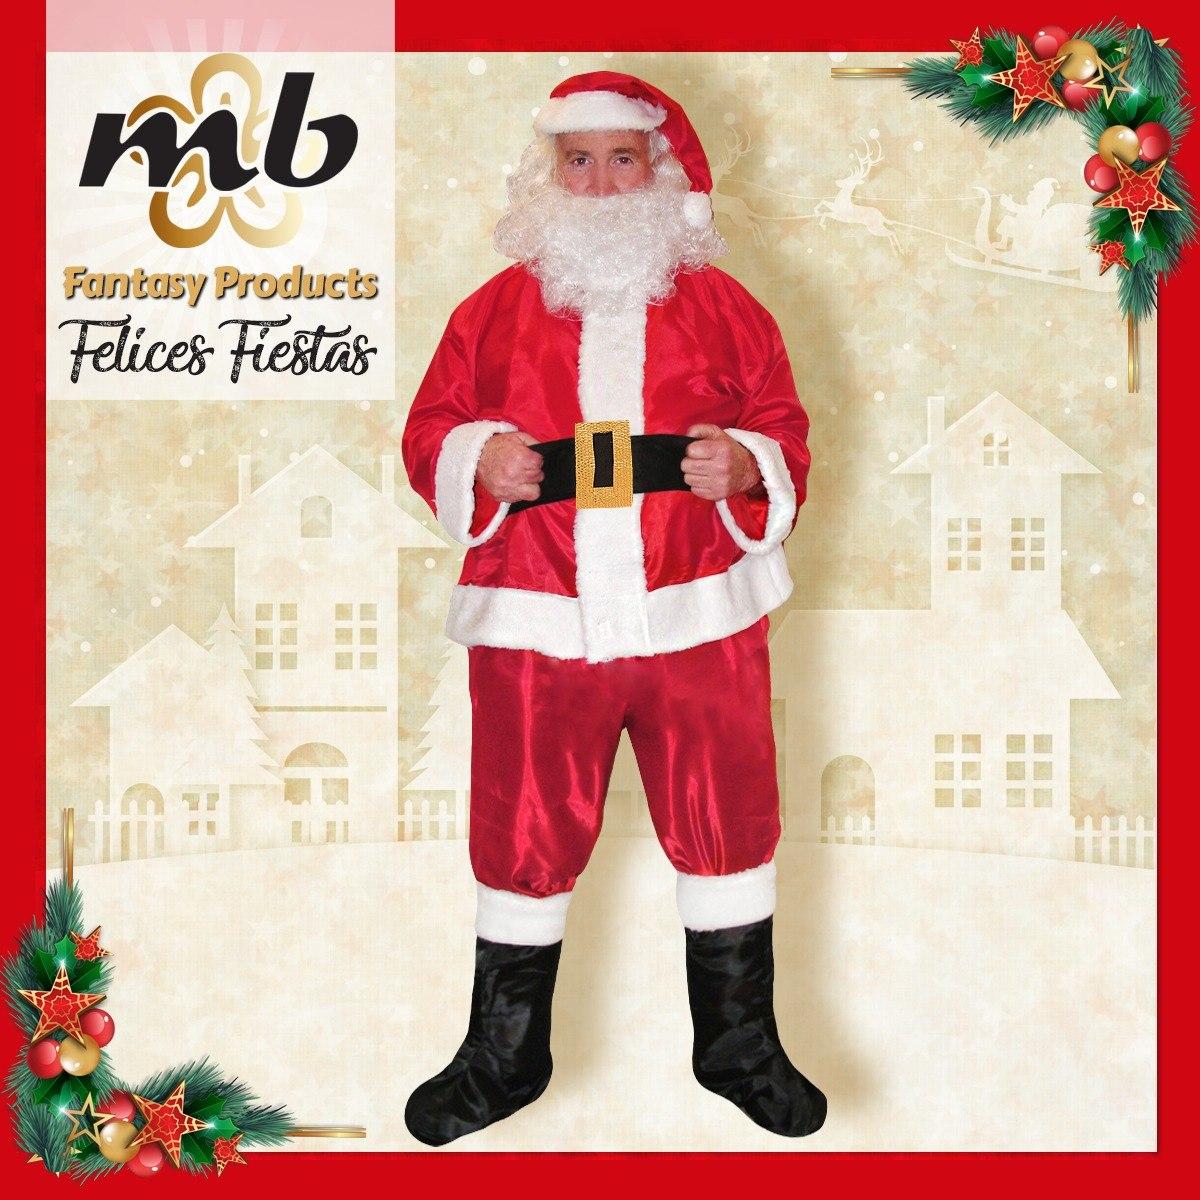 3cd35c80184c1 Disfraz Papá Noel Tafeta Con Gorro Con Pelo Y Barba -   549